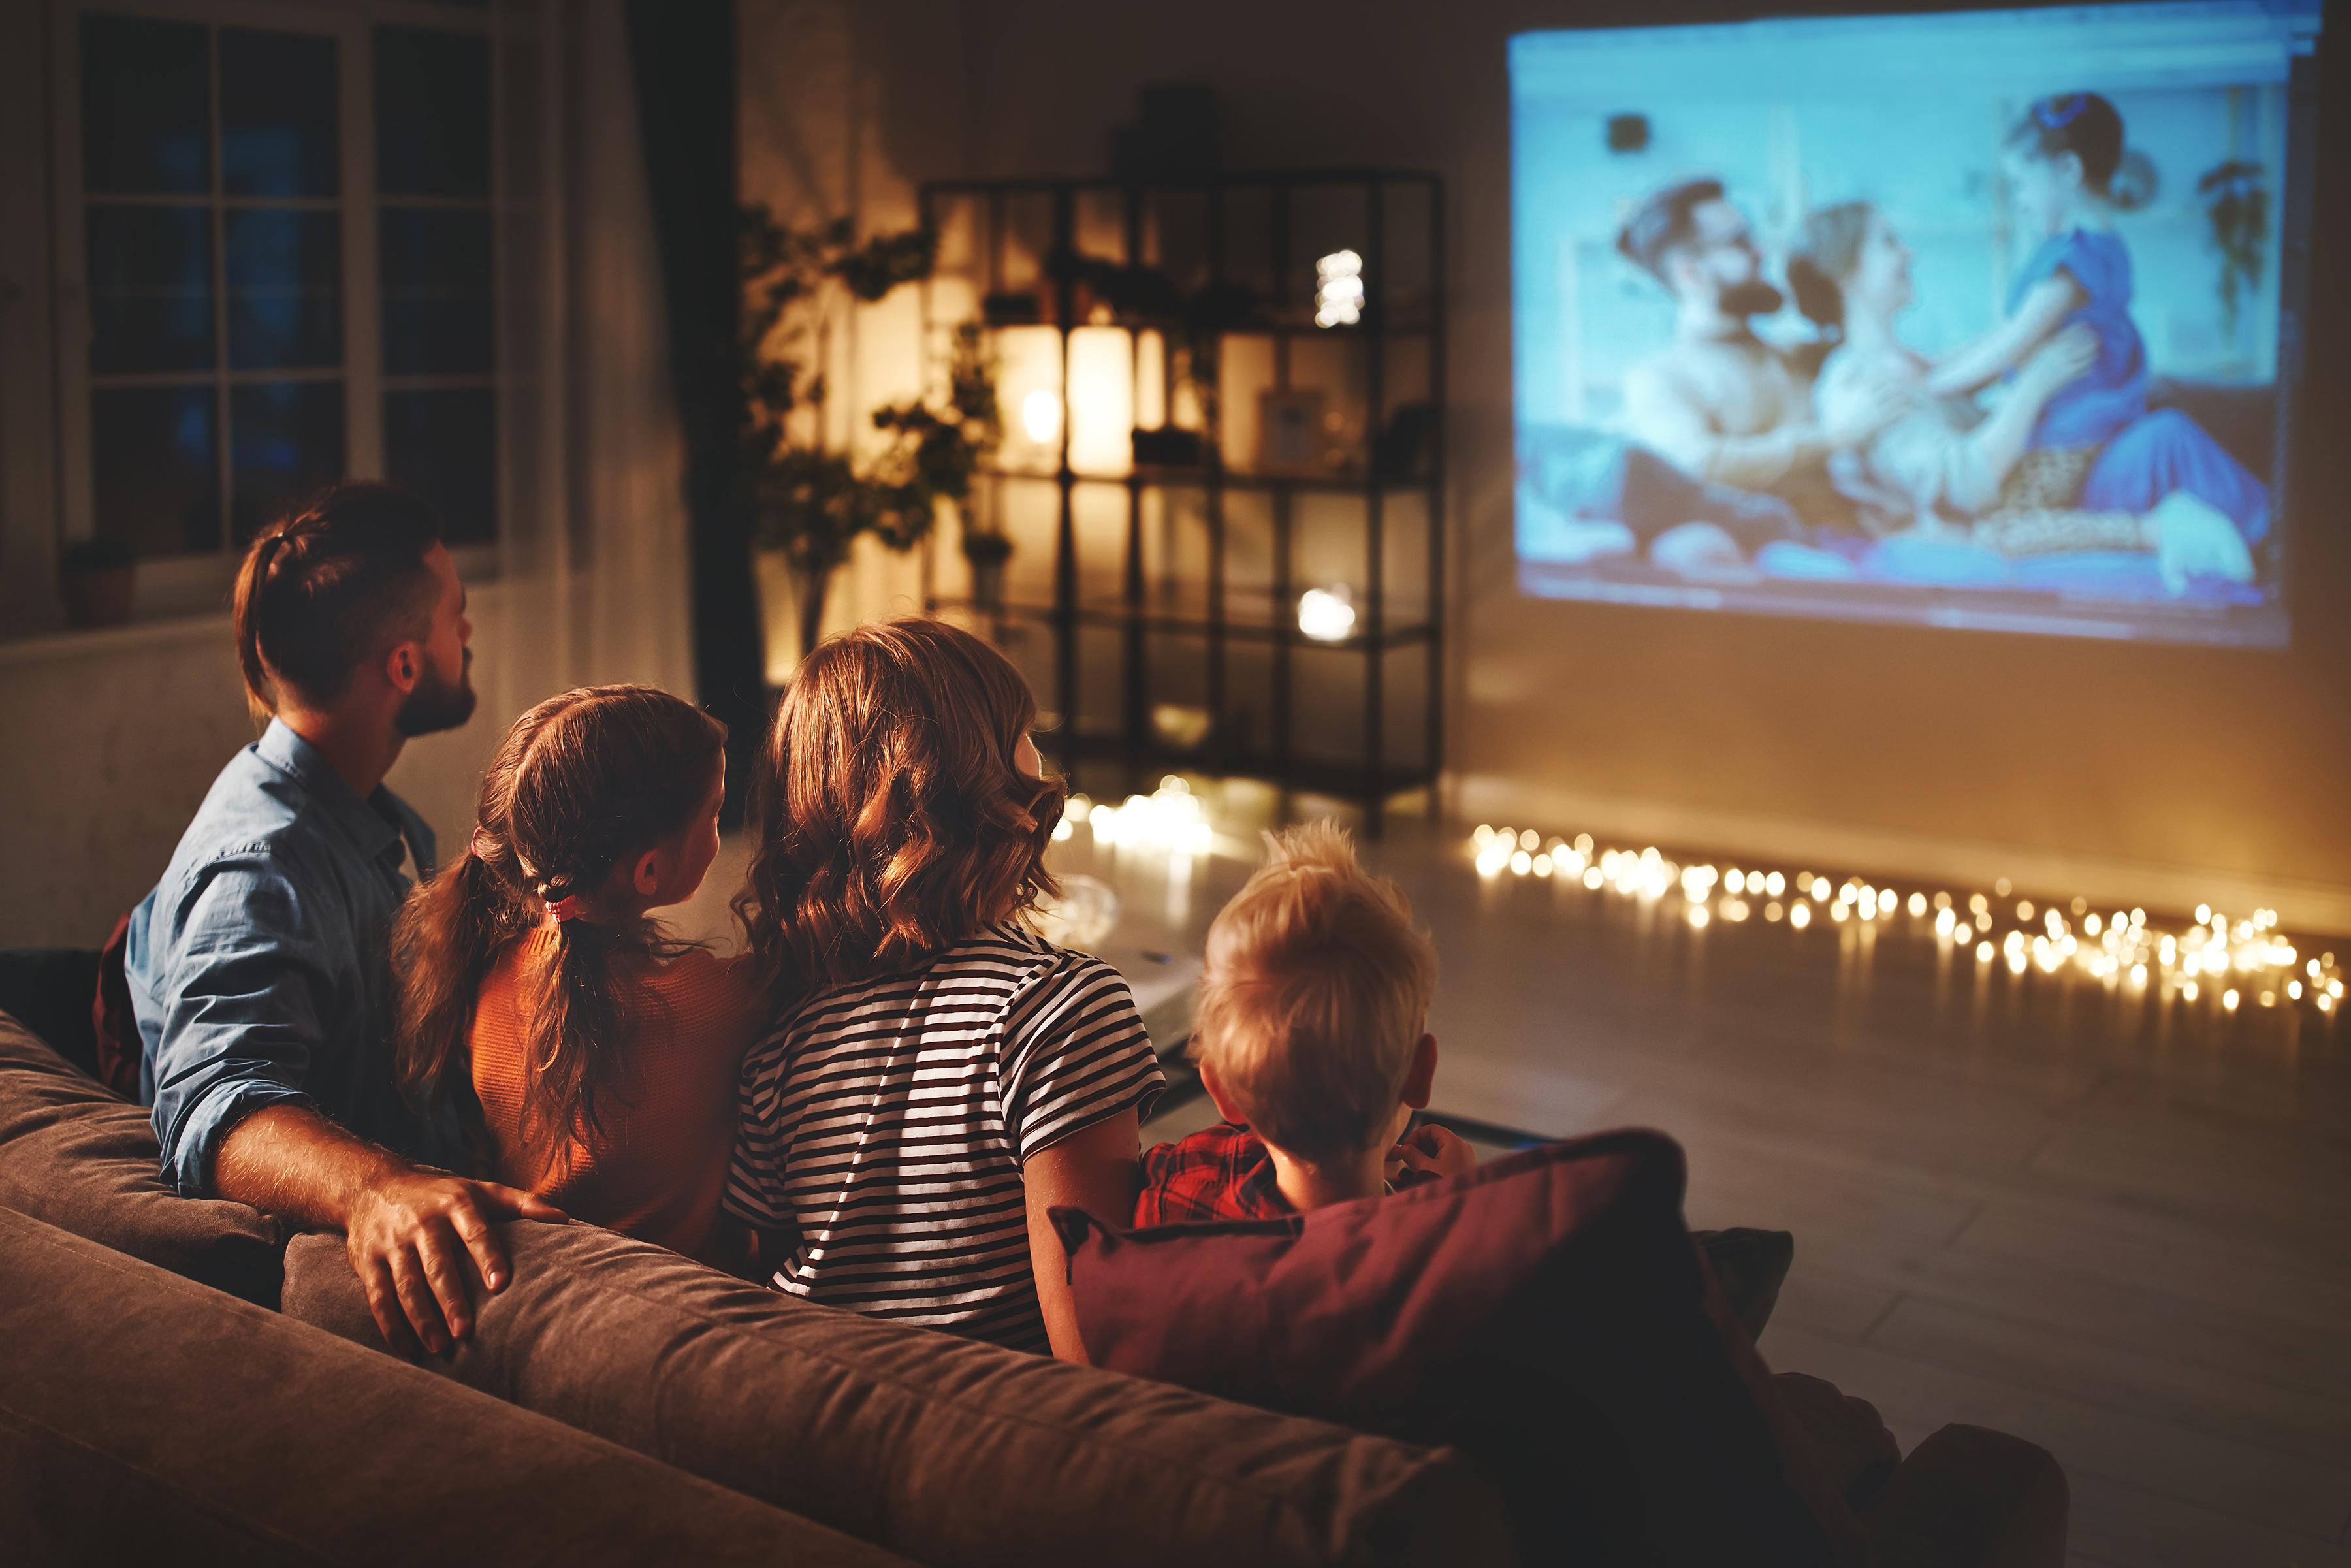 Filmabend mit Projektor und smarter Lichtszenensteuerung mit spektakulären Lichtakzenten